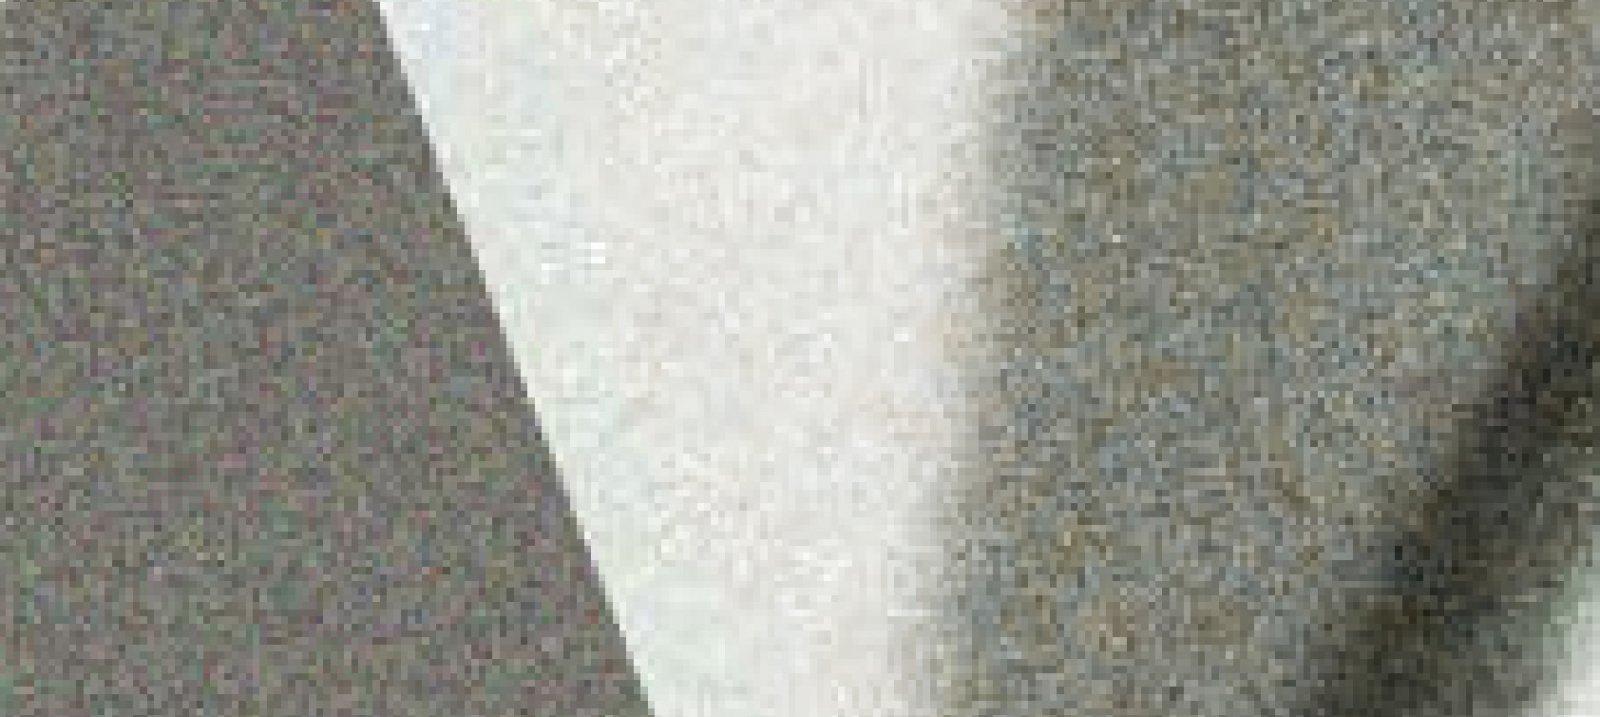 2021-06-27_22-09-53.jpg